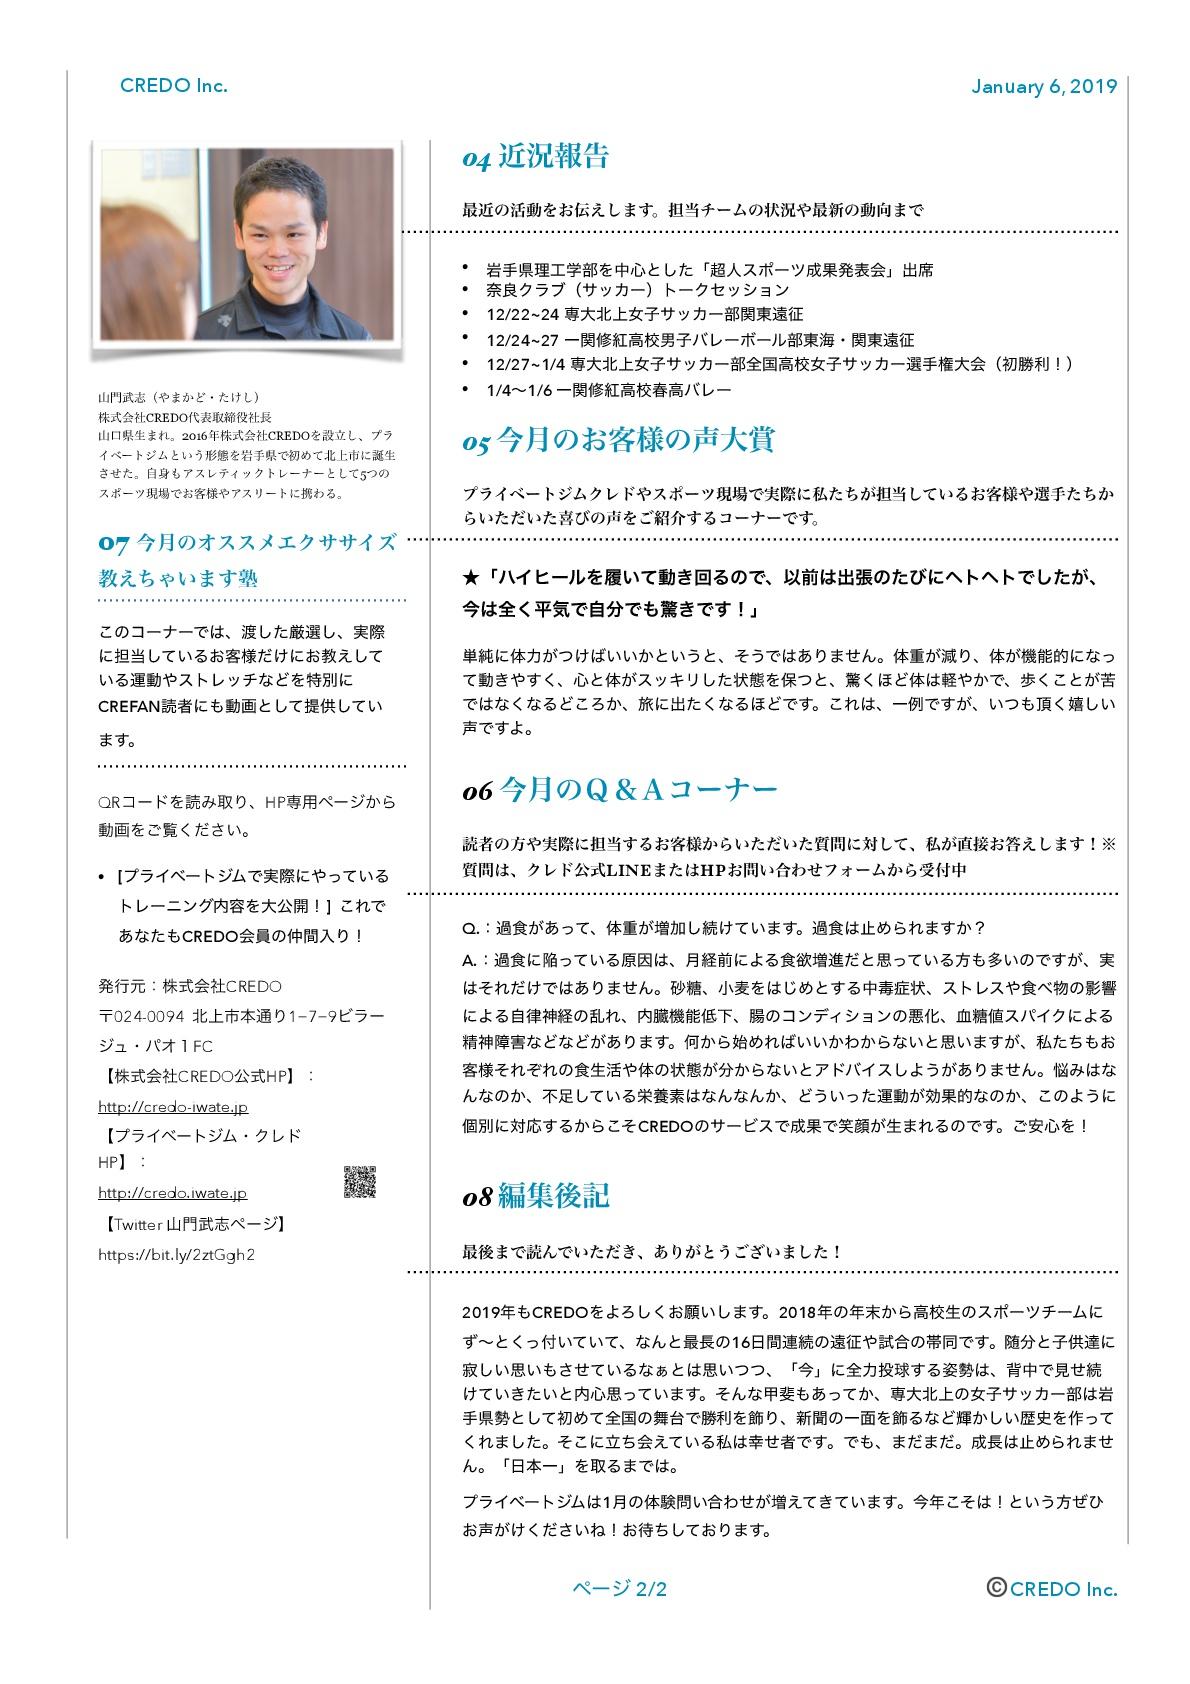 山門武志がオススメする最新情報<br/><span>〜無料月刊誌「社長、あなたの健康作ります。」〜</span><br/>2019年CREFAN1月号(2)